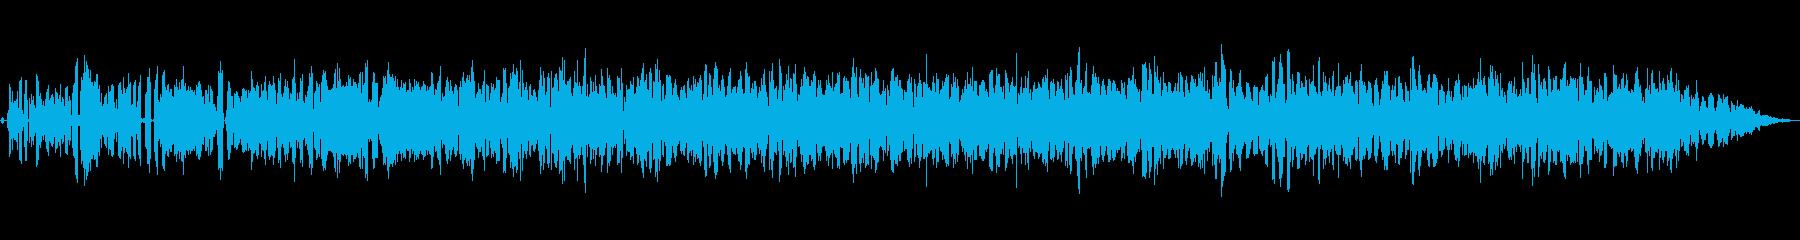 螺旋 渦巻 ぐるぐるする感じの再生済みの波形